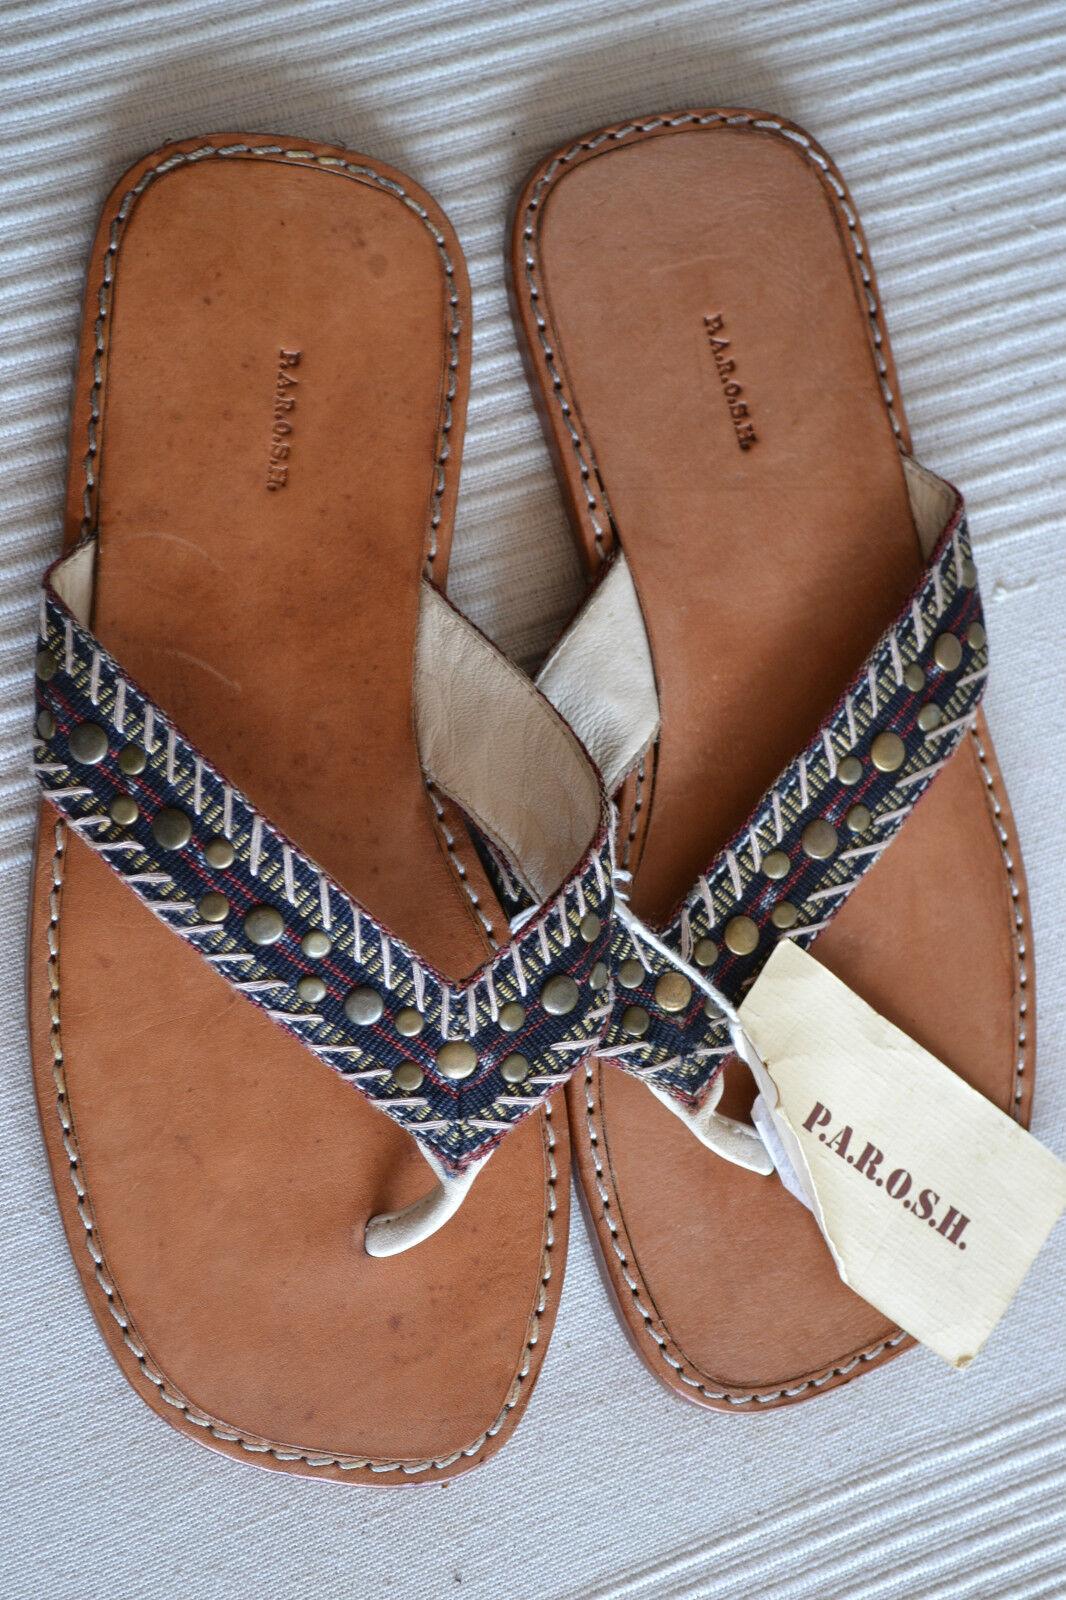 PAROSH original IBIZA Schuhe Pantoletten Sandalette EU 40 UK 6 neu   NEW TOP